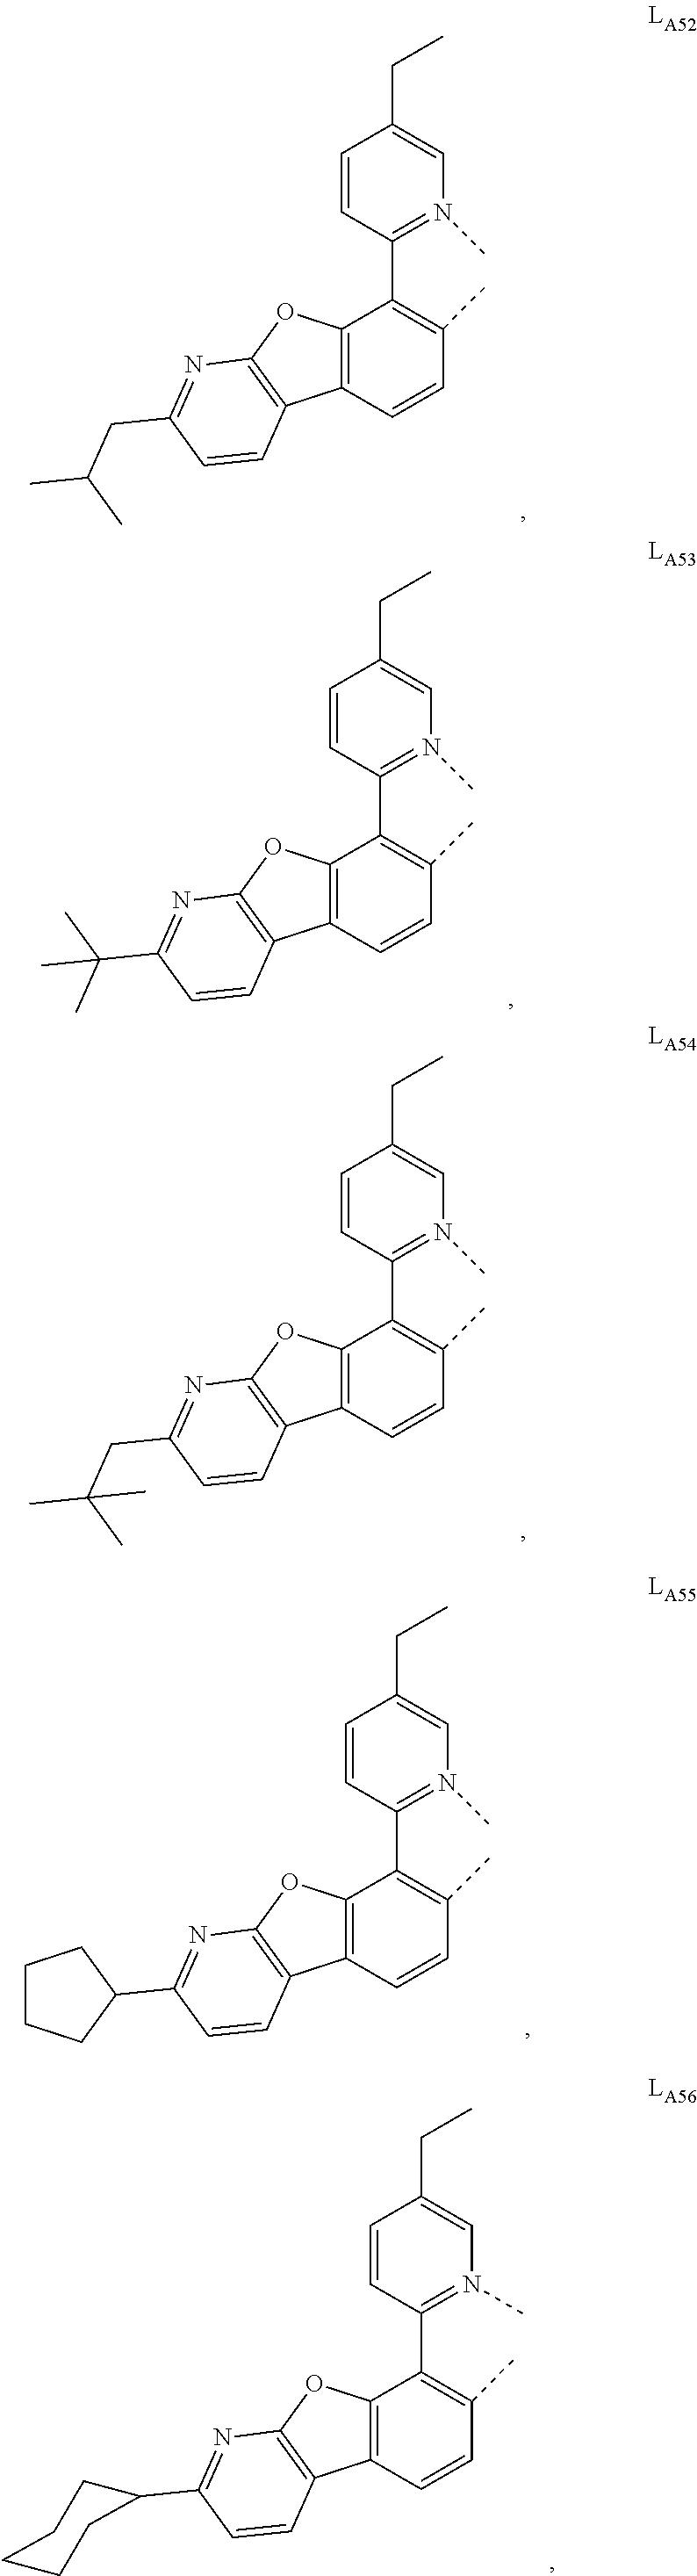 Figure US20160049599A1-20160218-C00411